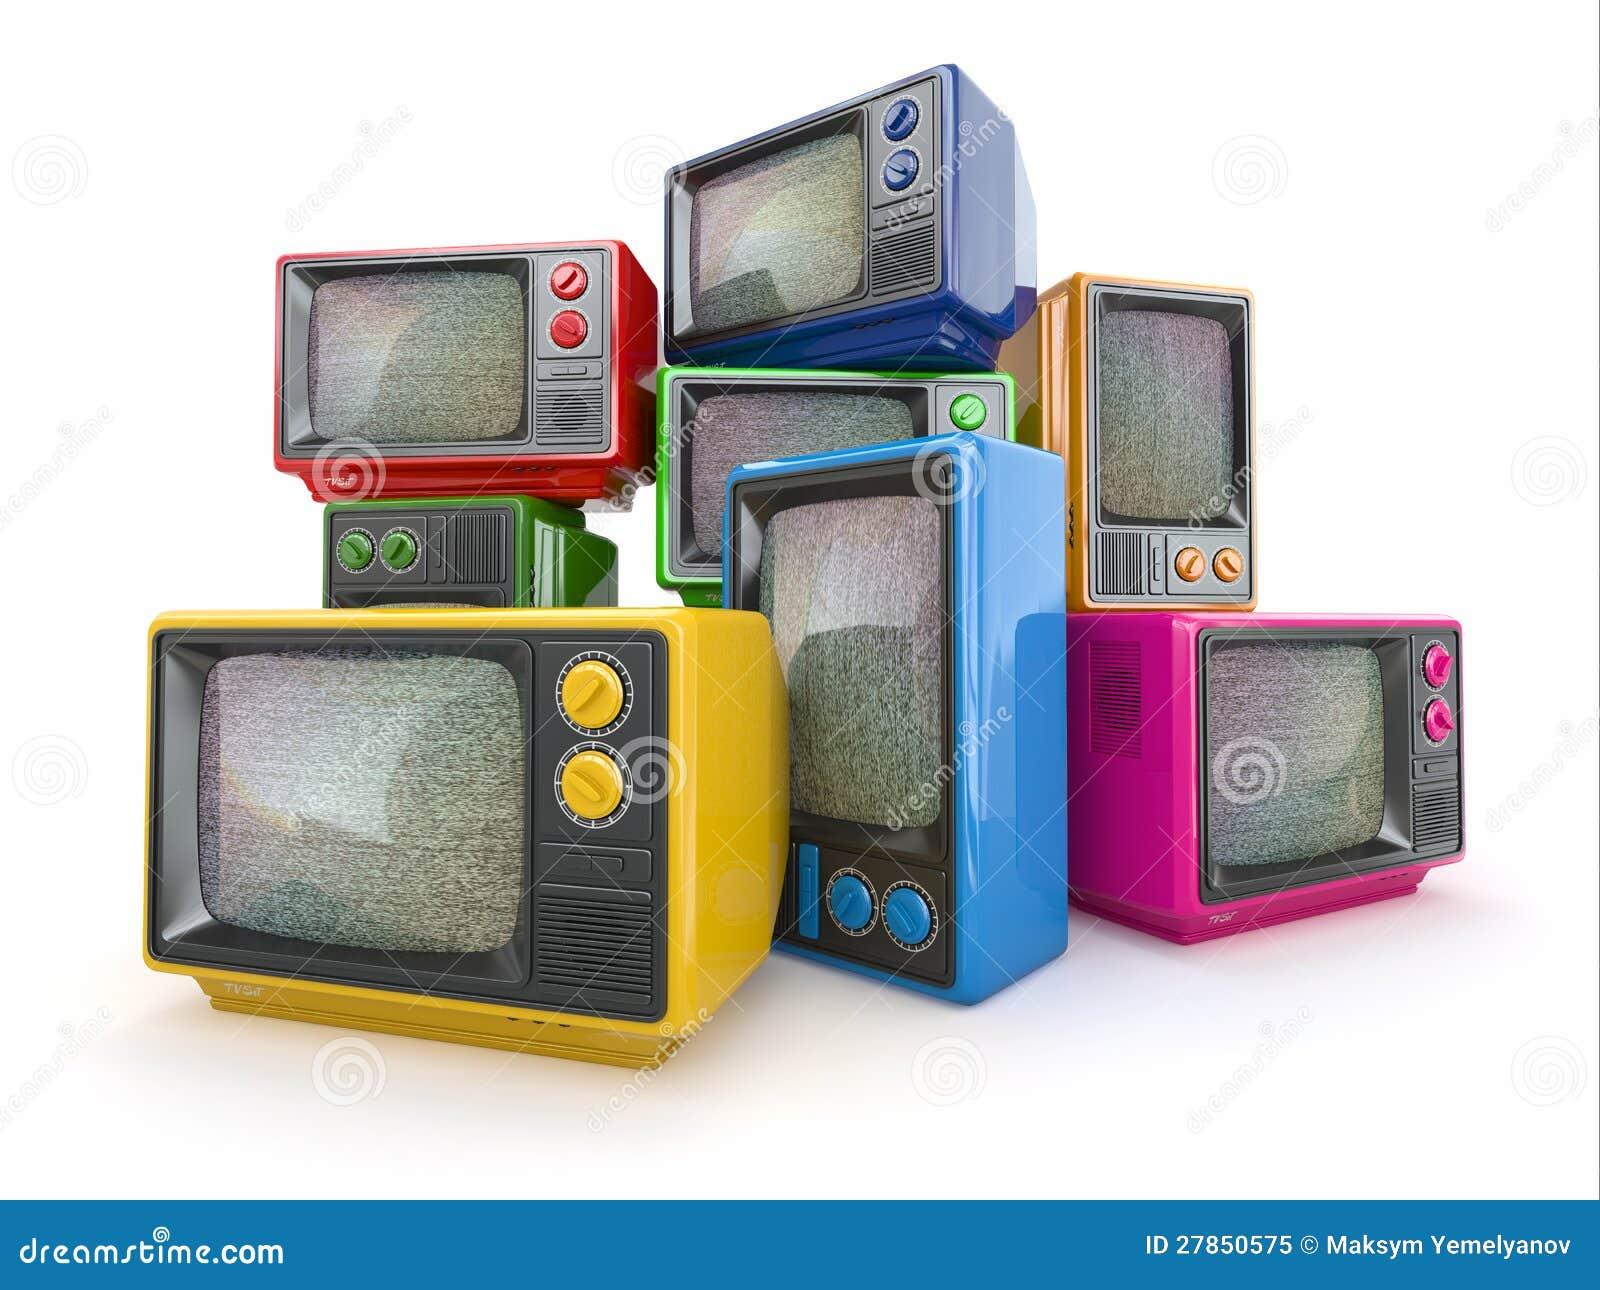 Rozsypisko rocznik tv. Końcówka telewizja